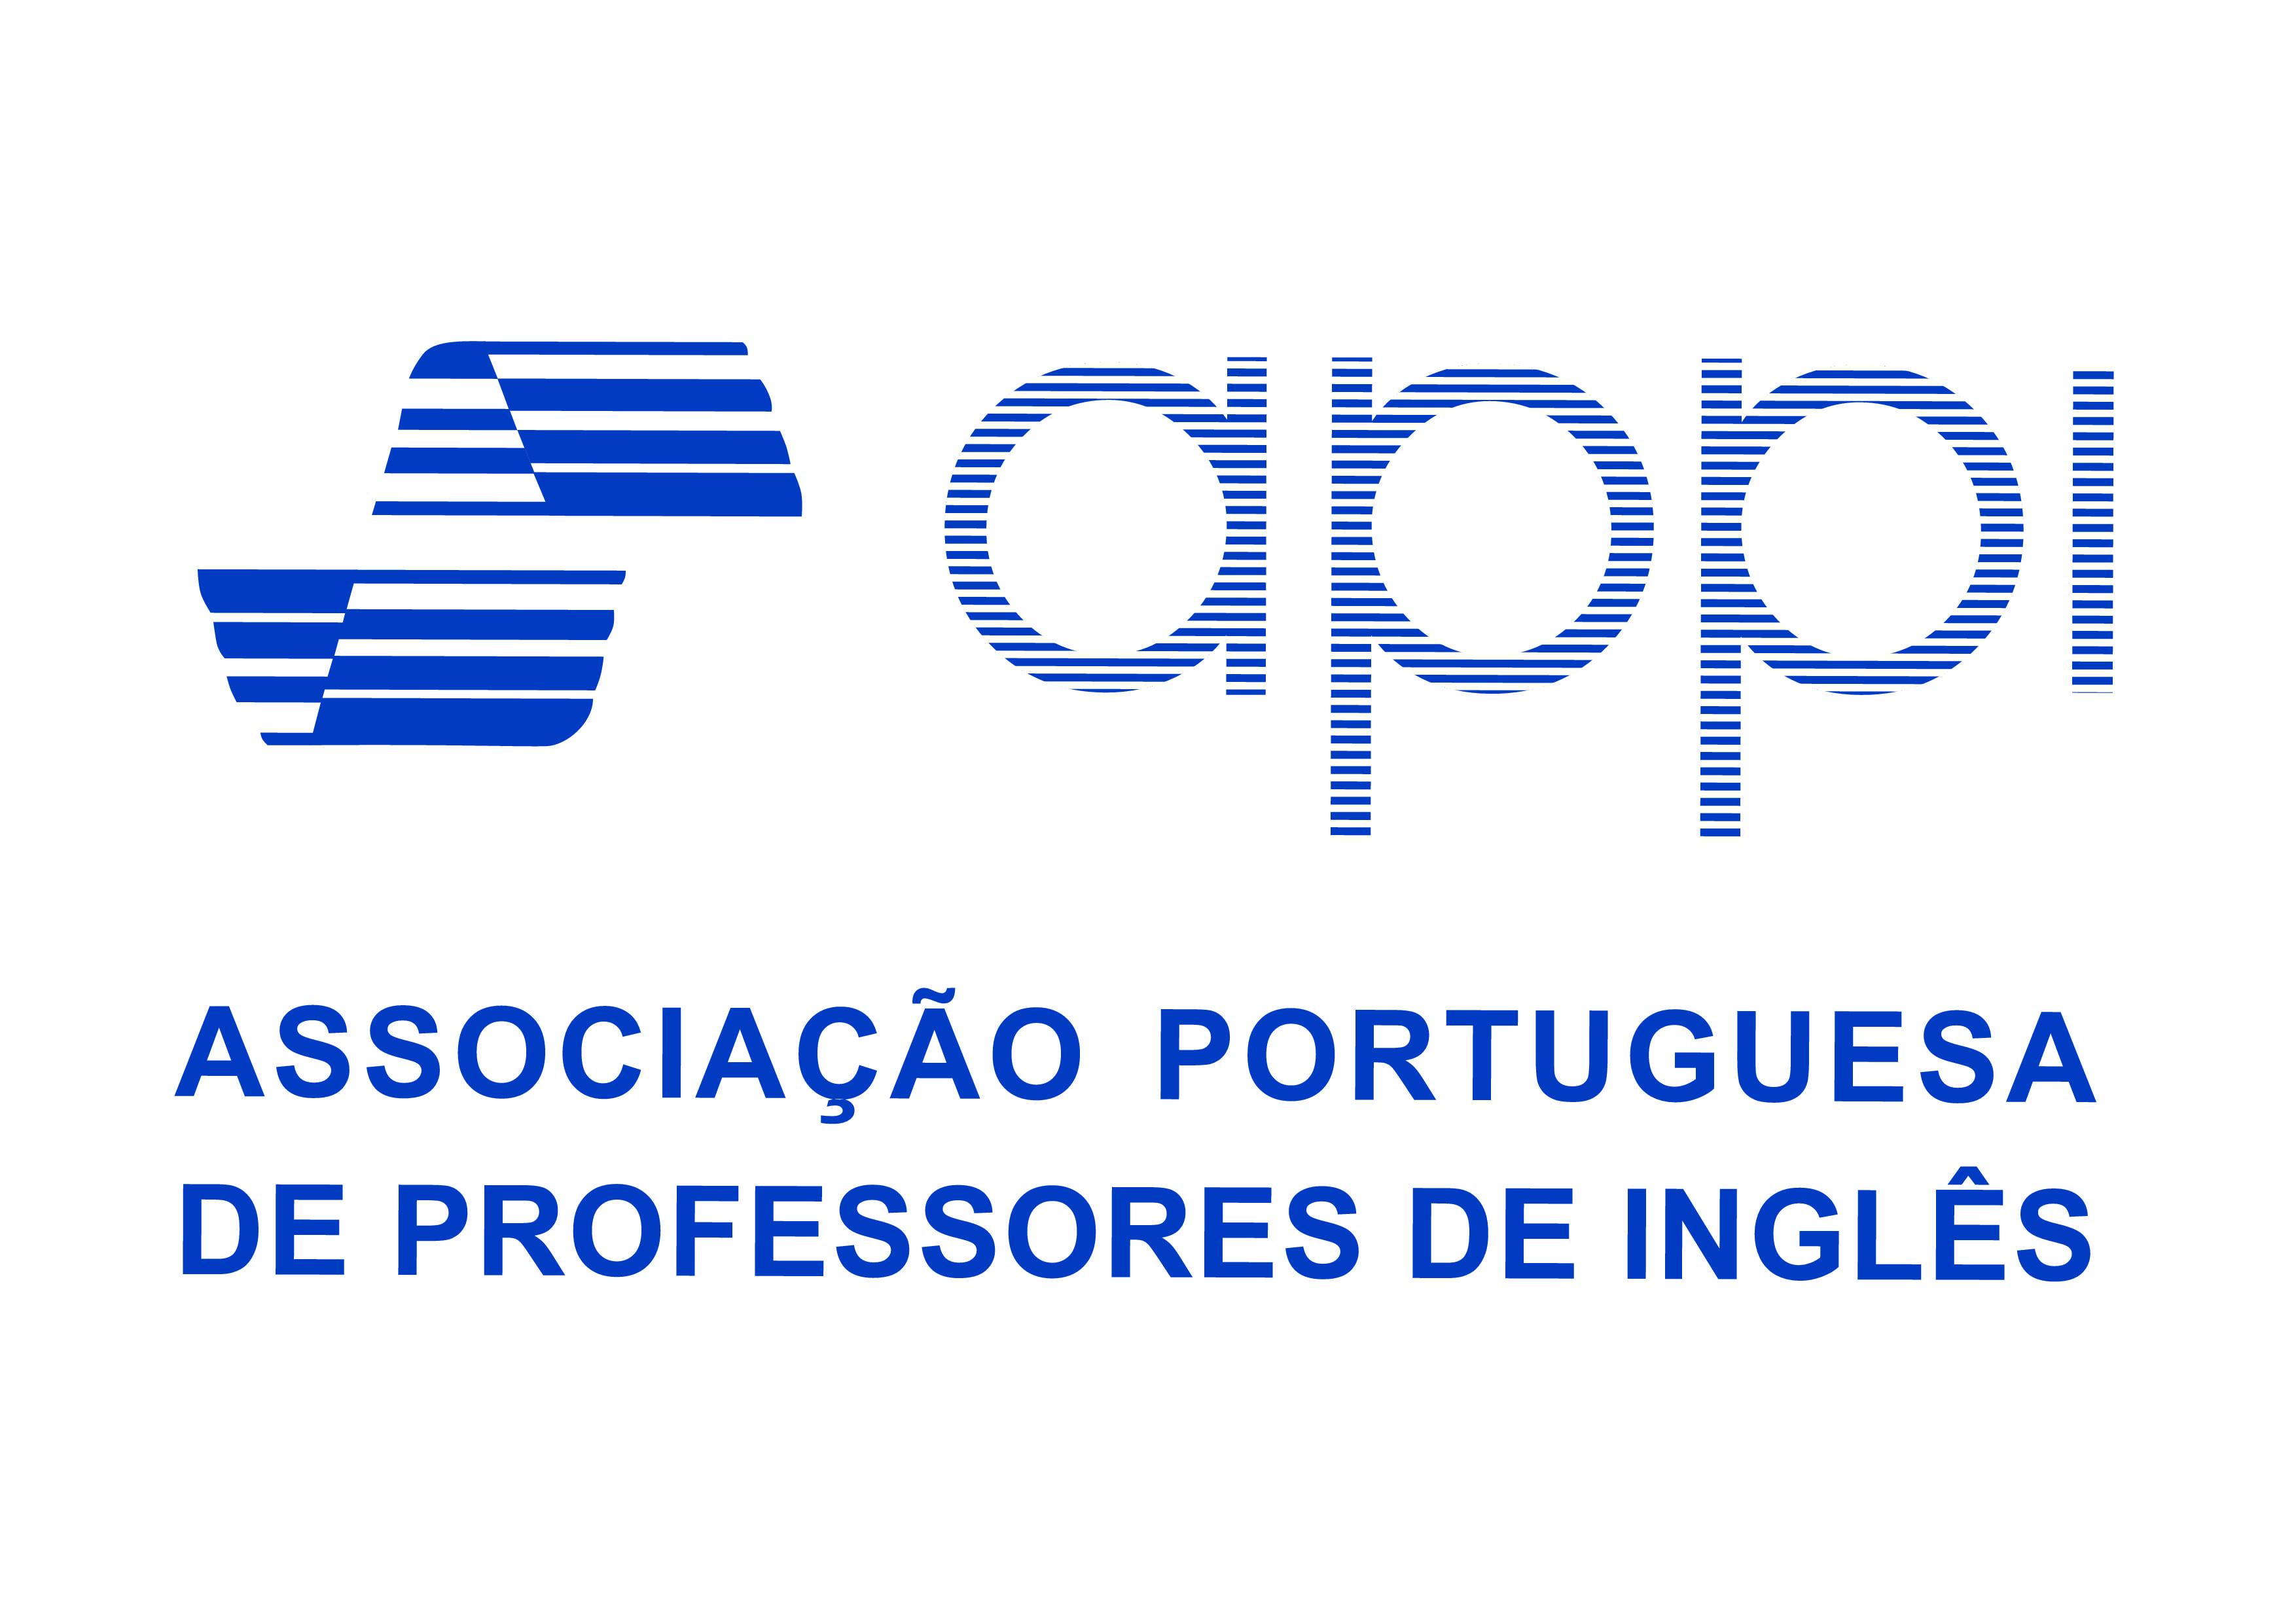 Associação de Professores de Inglês